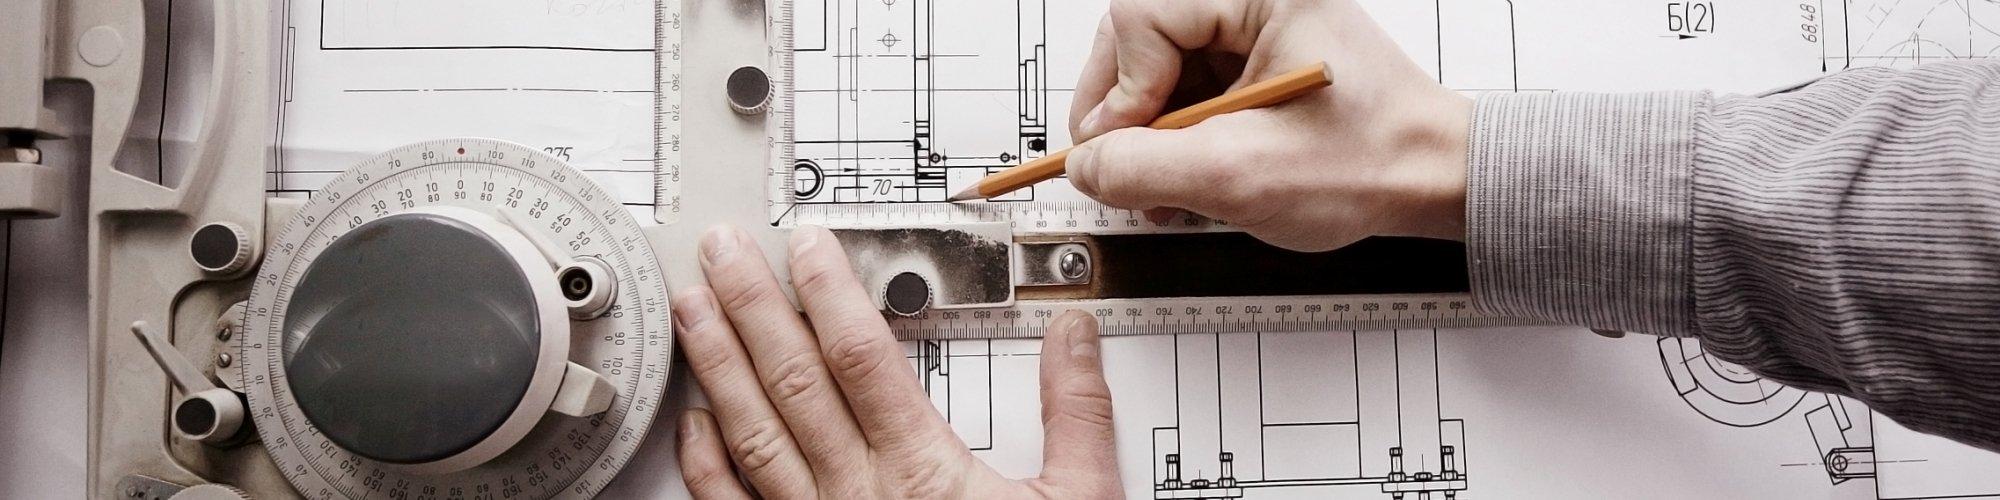 logiciel cao 2d, dessin technique, dessin industriel gratuit, compatible autocad, dwg, dxf